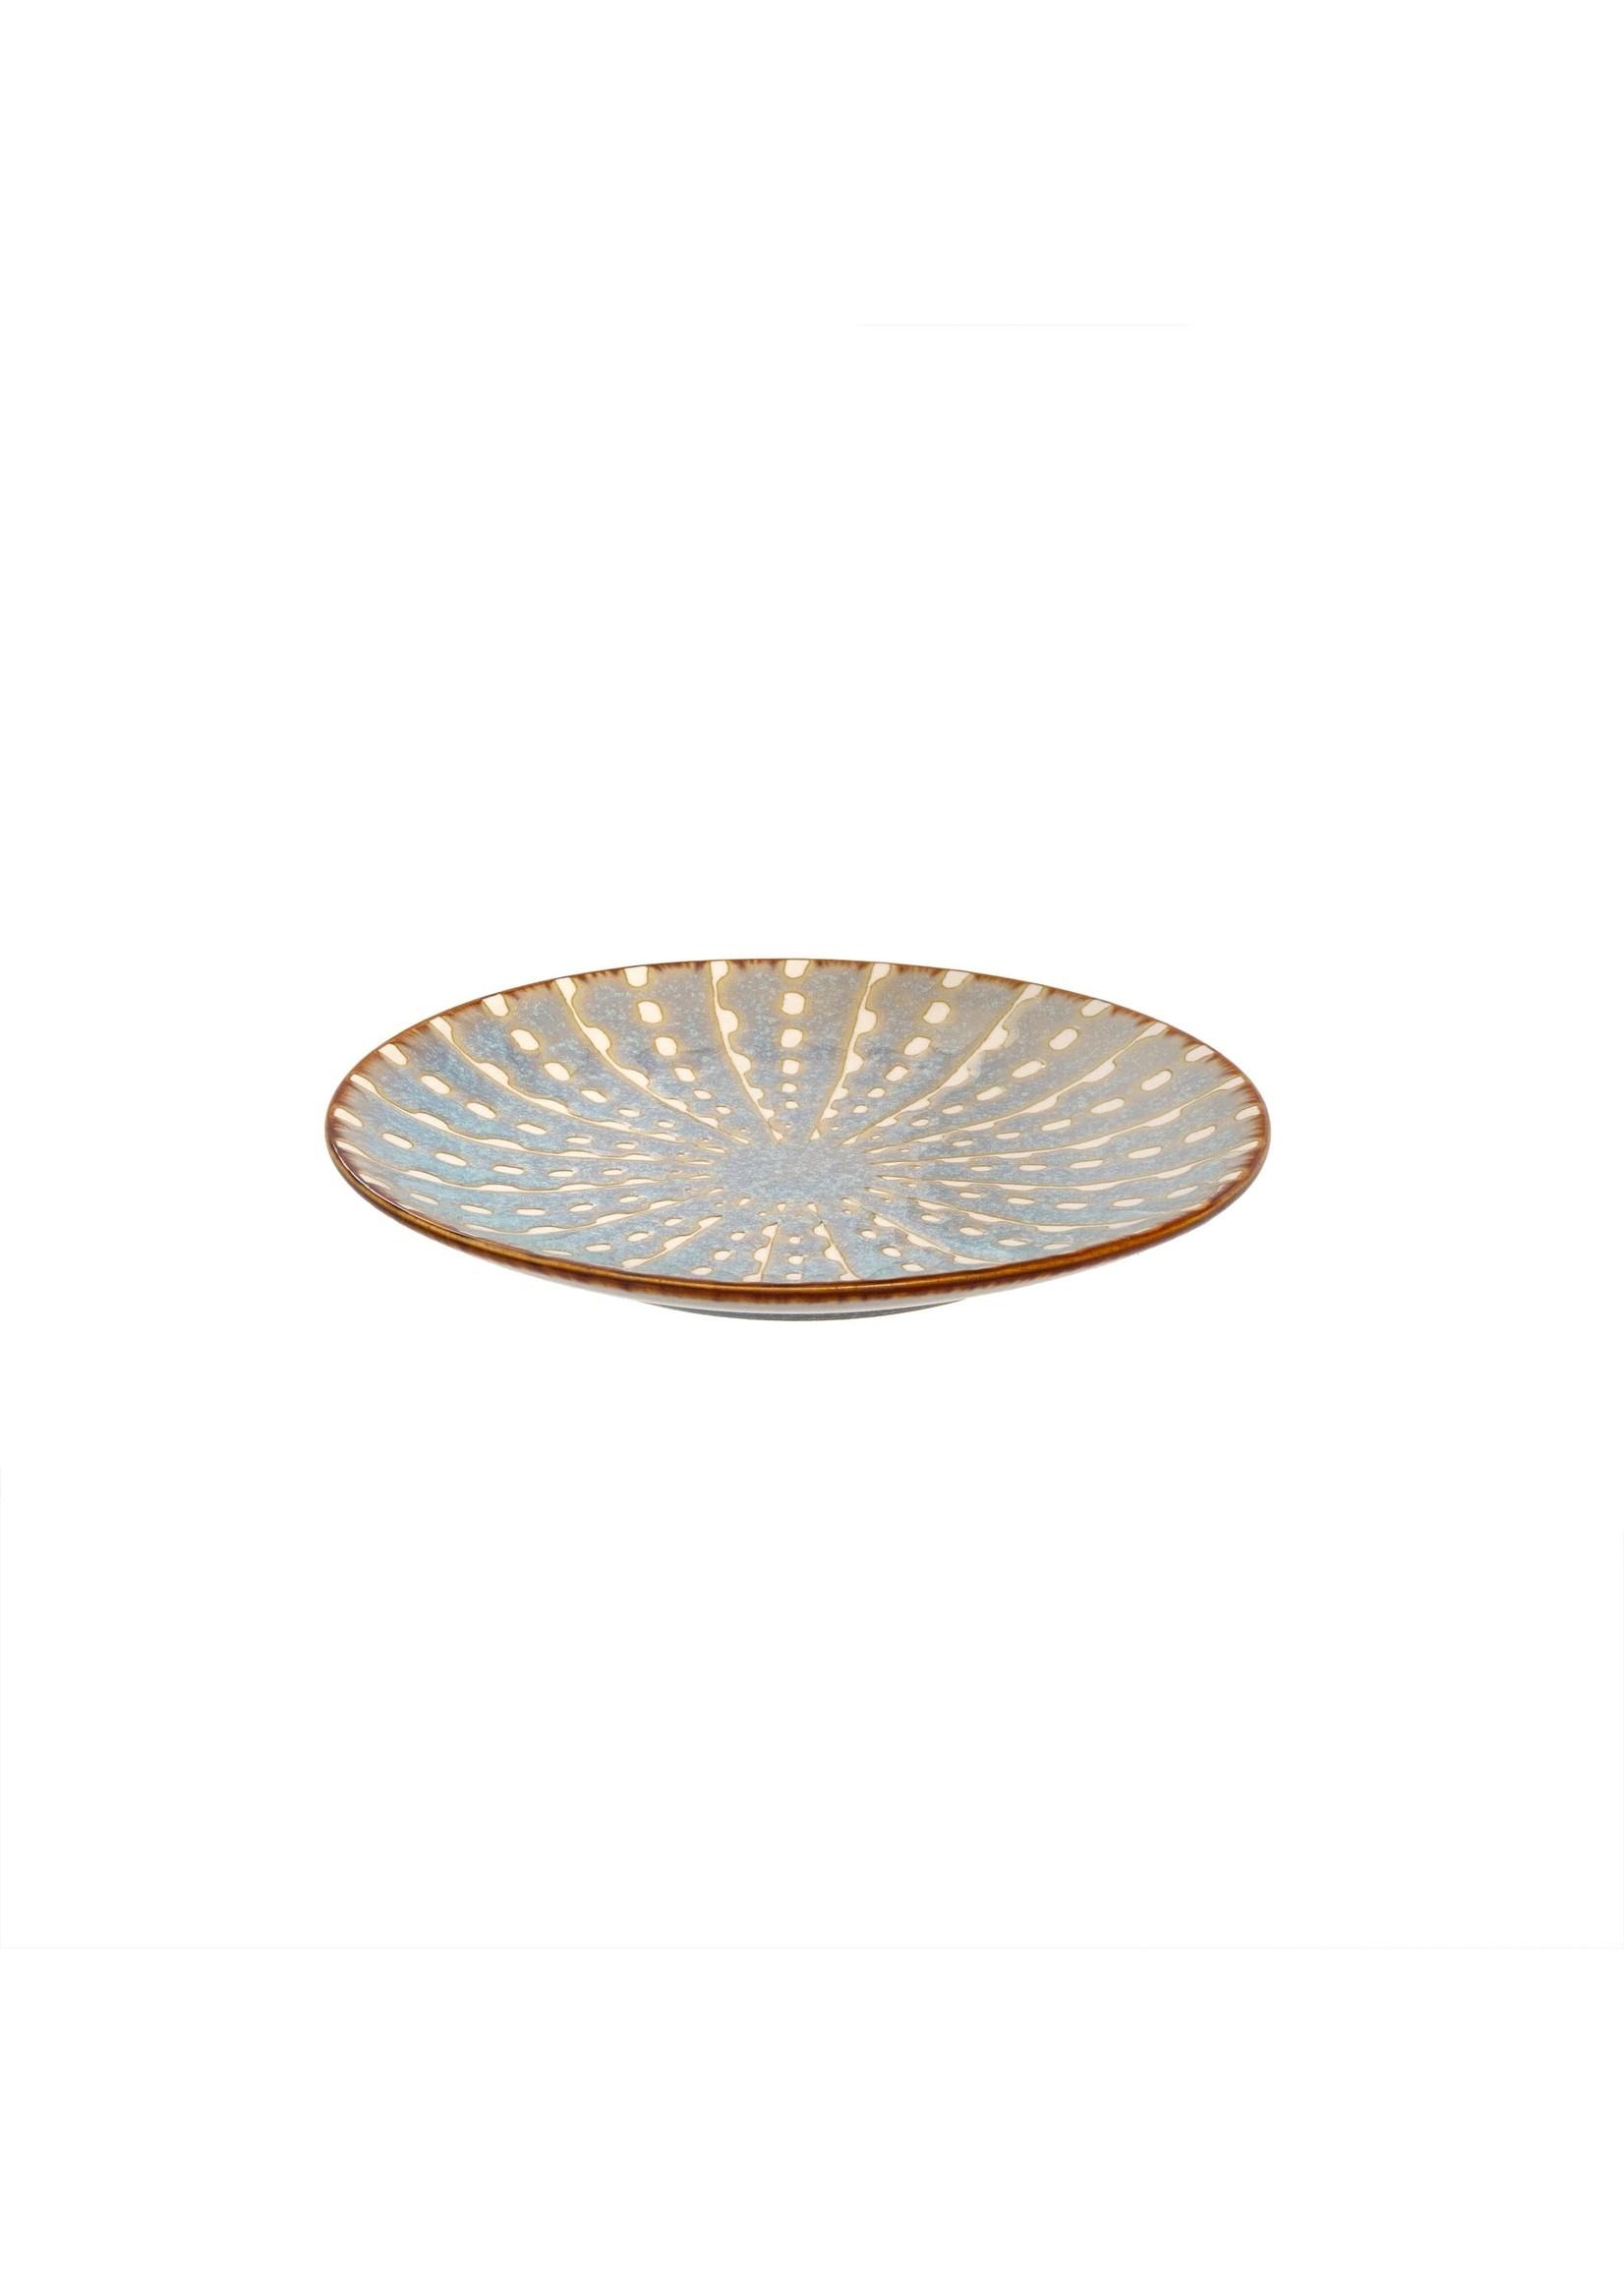 Wisteria Breakfast Plate